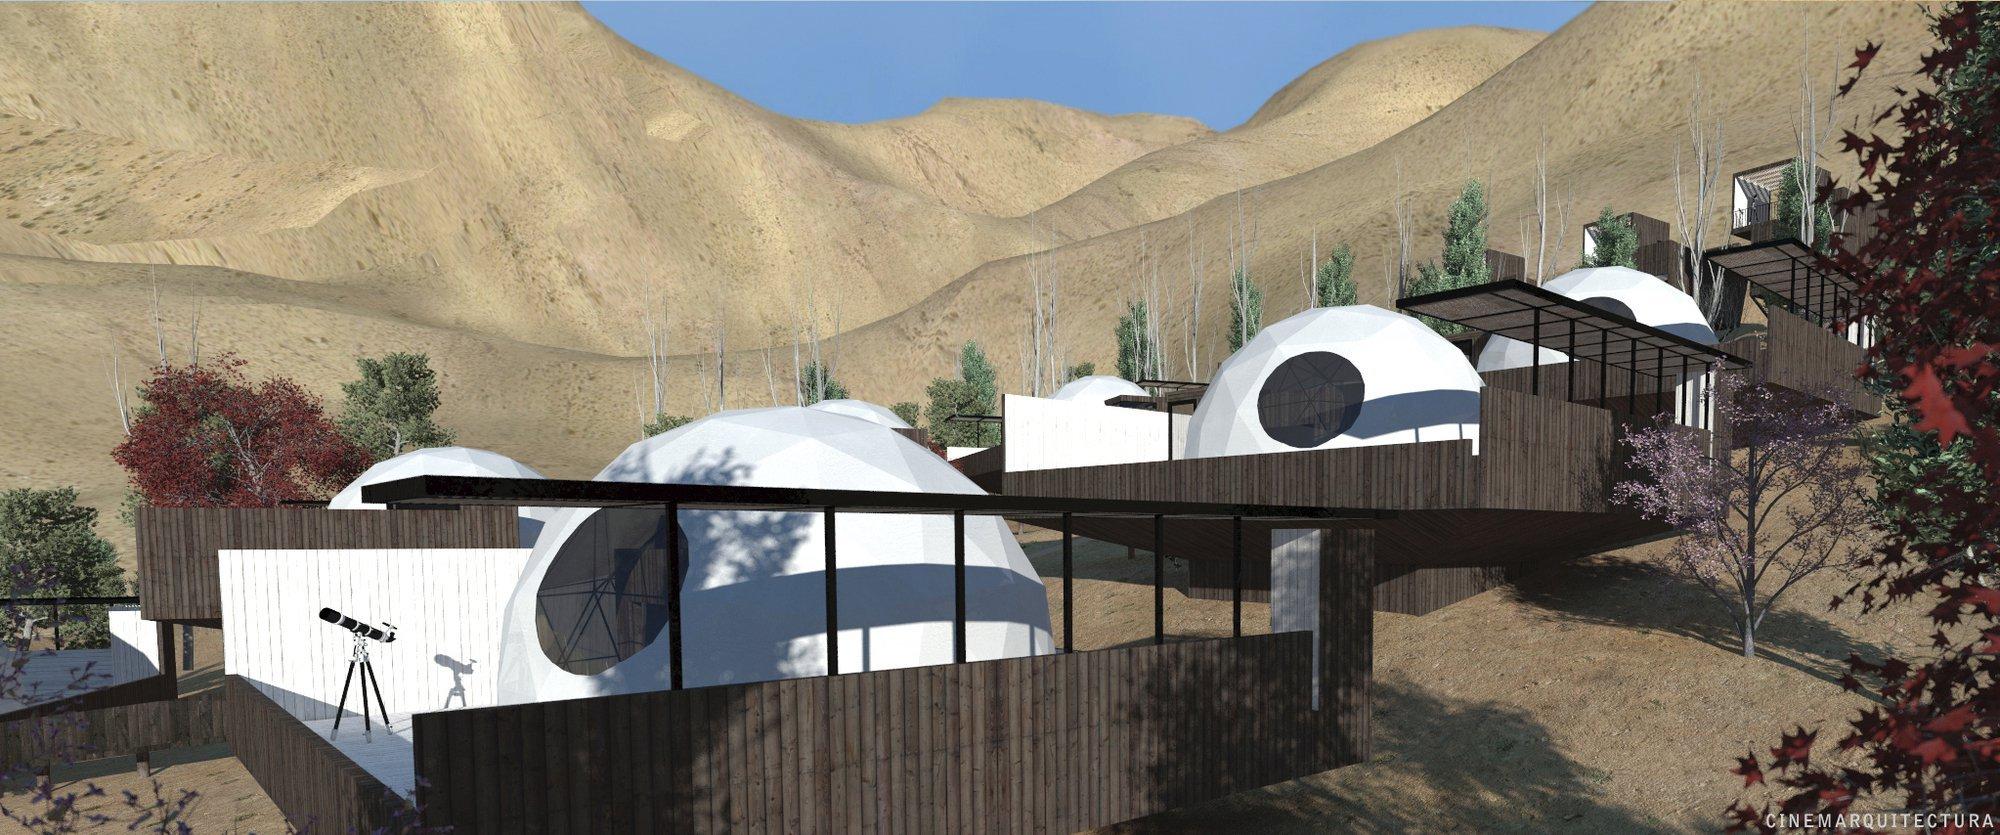 Galería de Hotel Astronómico Elqui Domos / Duque Motta ...